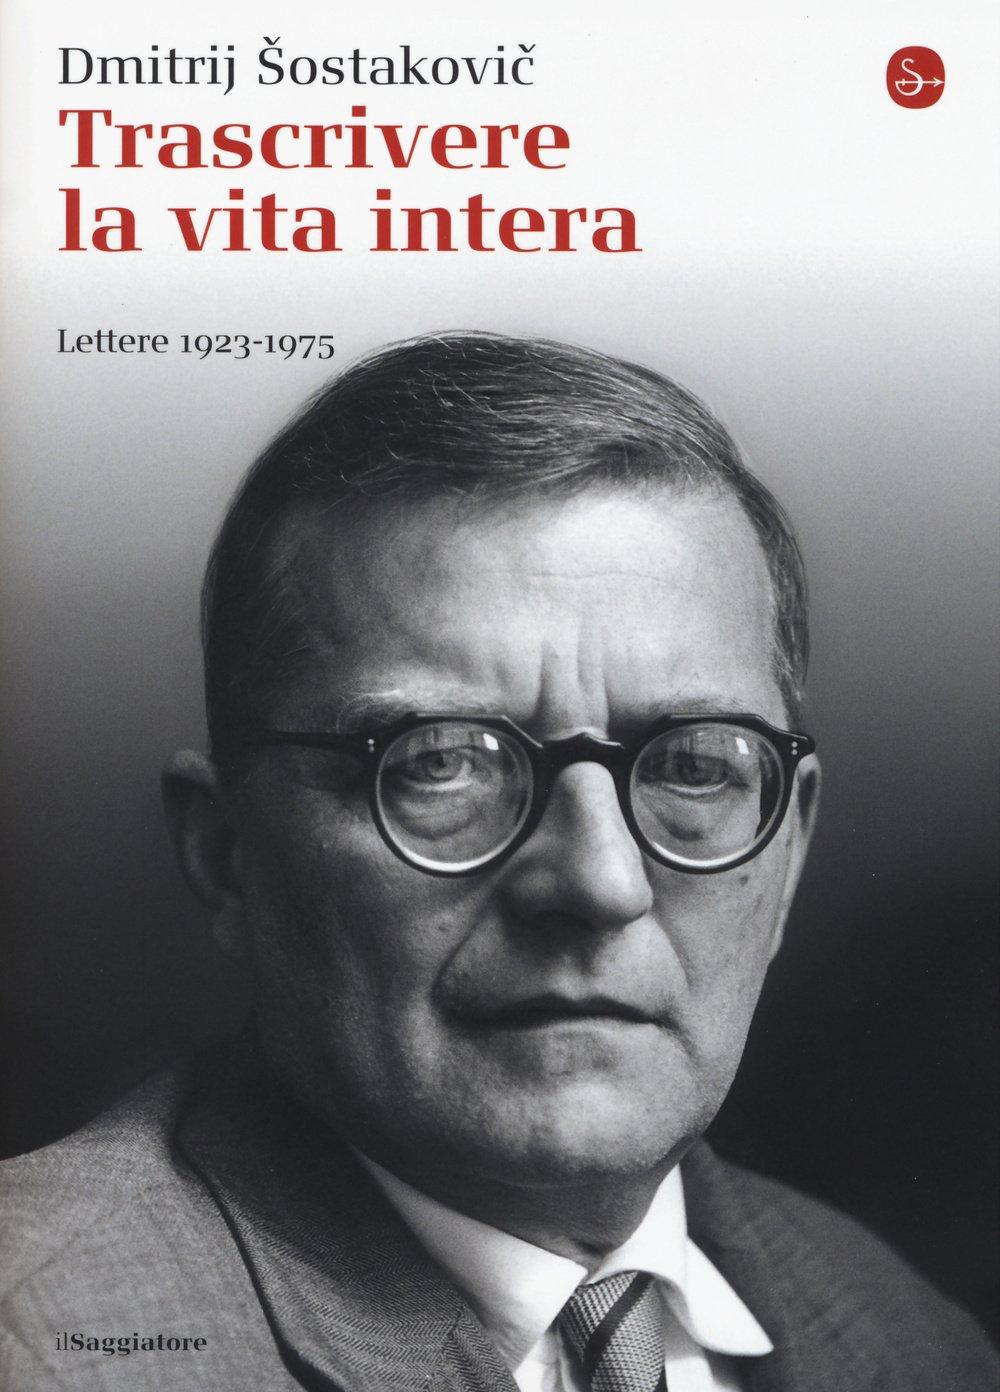 Trascrivere la vita intera. Lettere 1923-1975 : Sostakovic, Dmitrij,  Wilson, E., Dusio, L.: Amazon.it: Libri